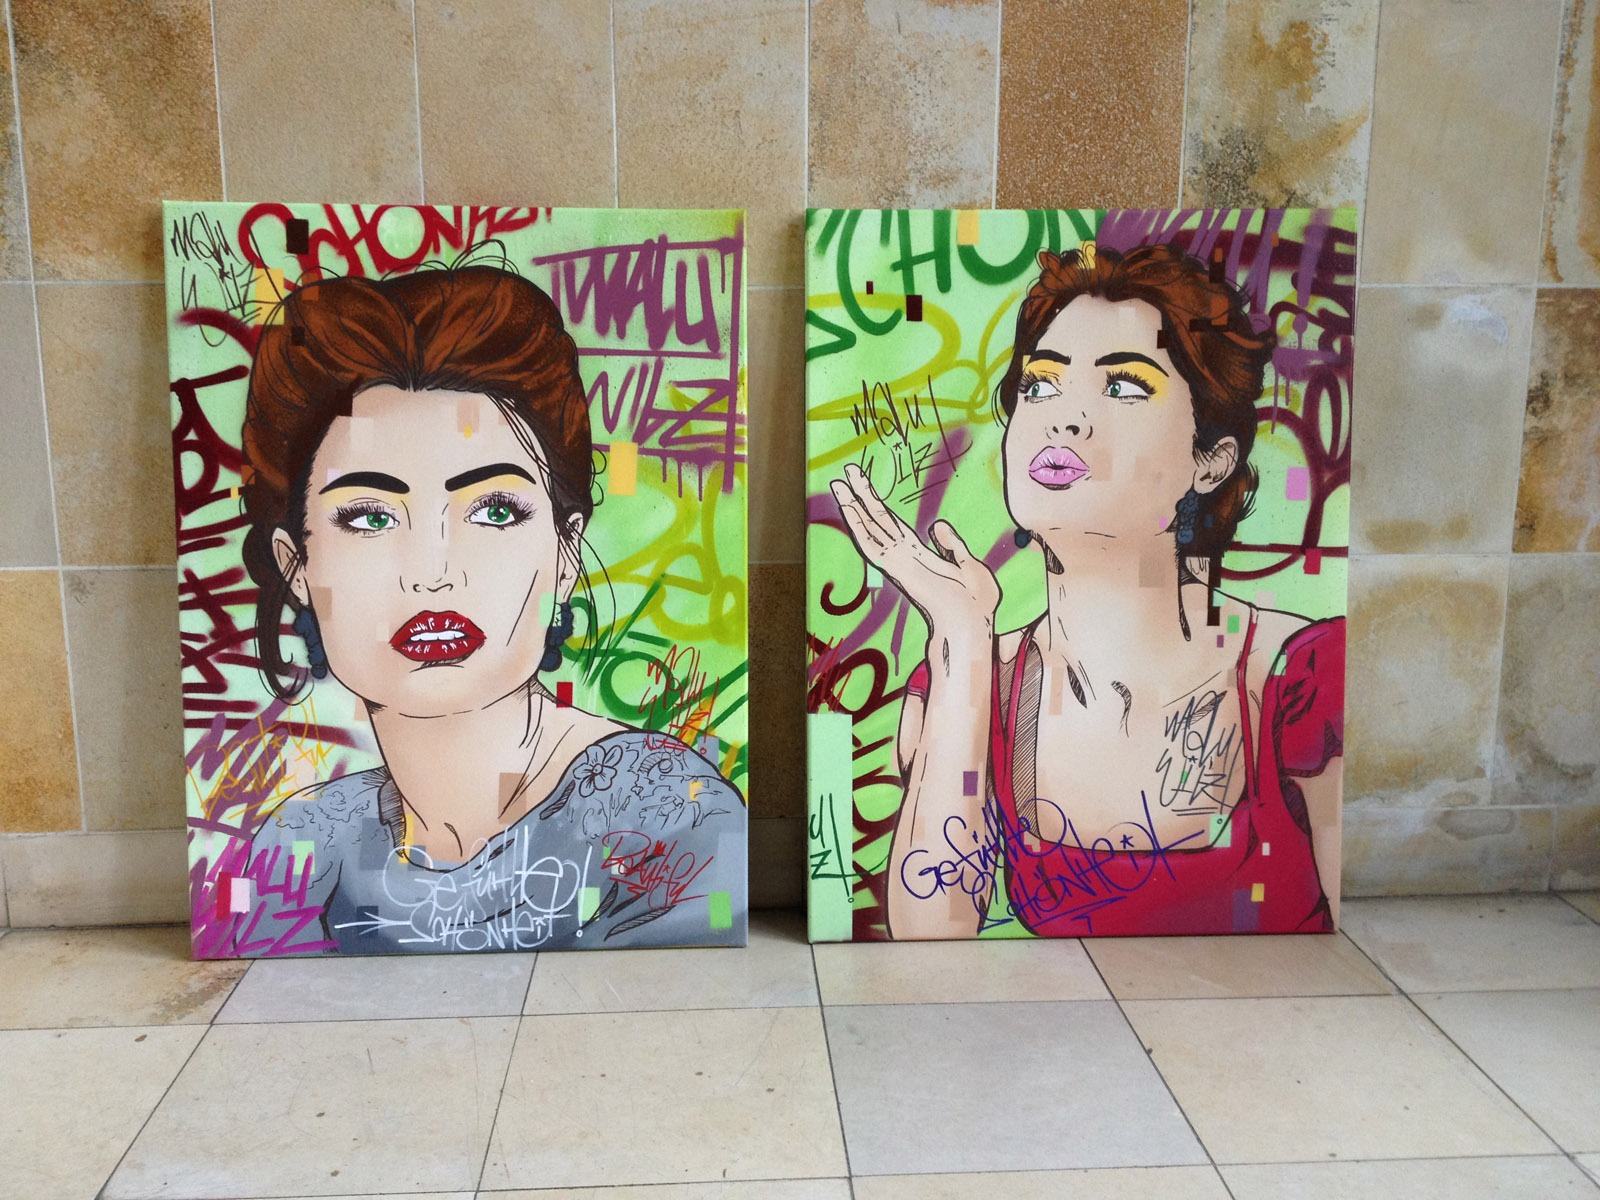 graffitiauftrag-graffitikuenstler-artmos4-malu-wilz-2015-leinwand-pixel-tag-graffiti-hintergrund-menschen-frau-pflanzen-schmuck-illustrativ